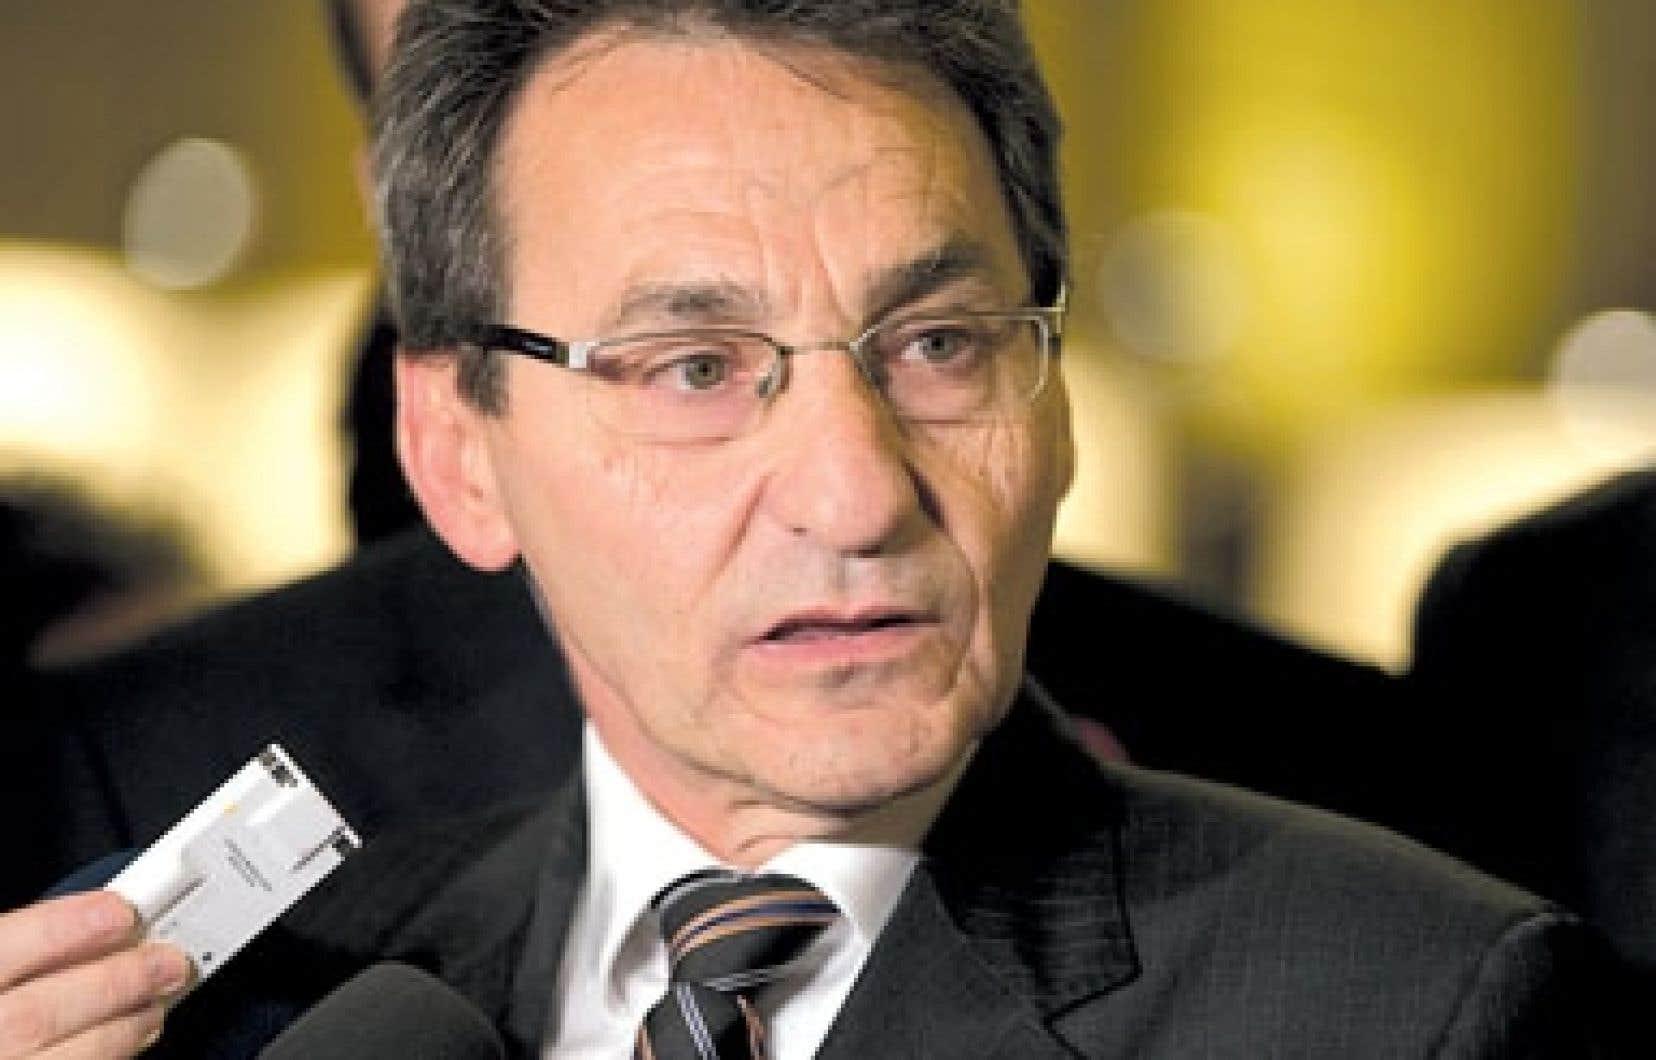 Le chef de Projet Montréal, Richard Bergeron, nie formellement avoir traité d'« hostie de salopes » deux militantes de Vision Montréal, comme le prétendent celles-ci.